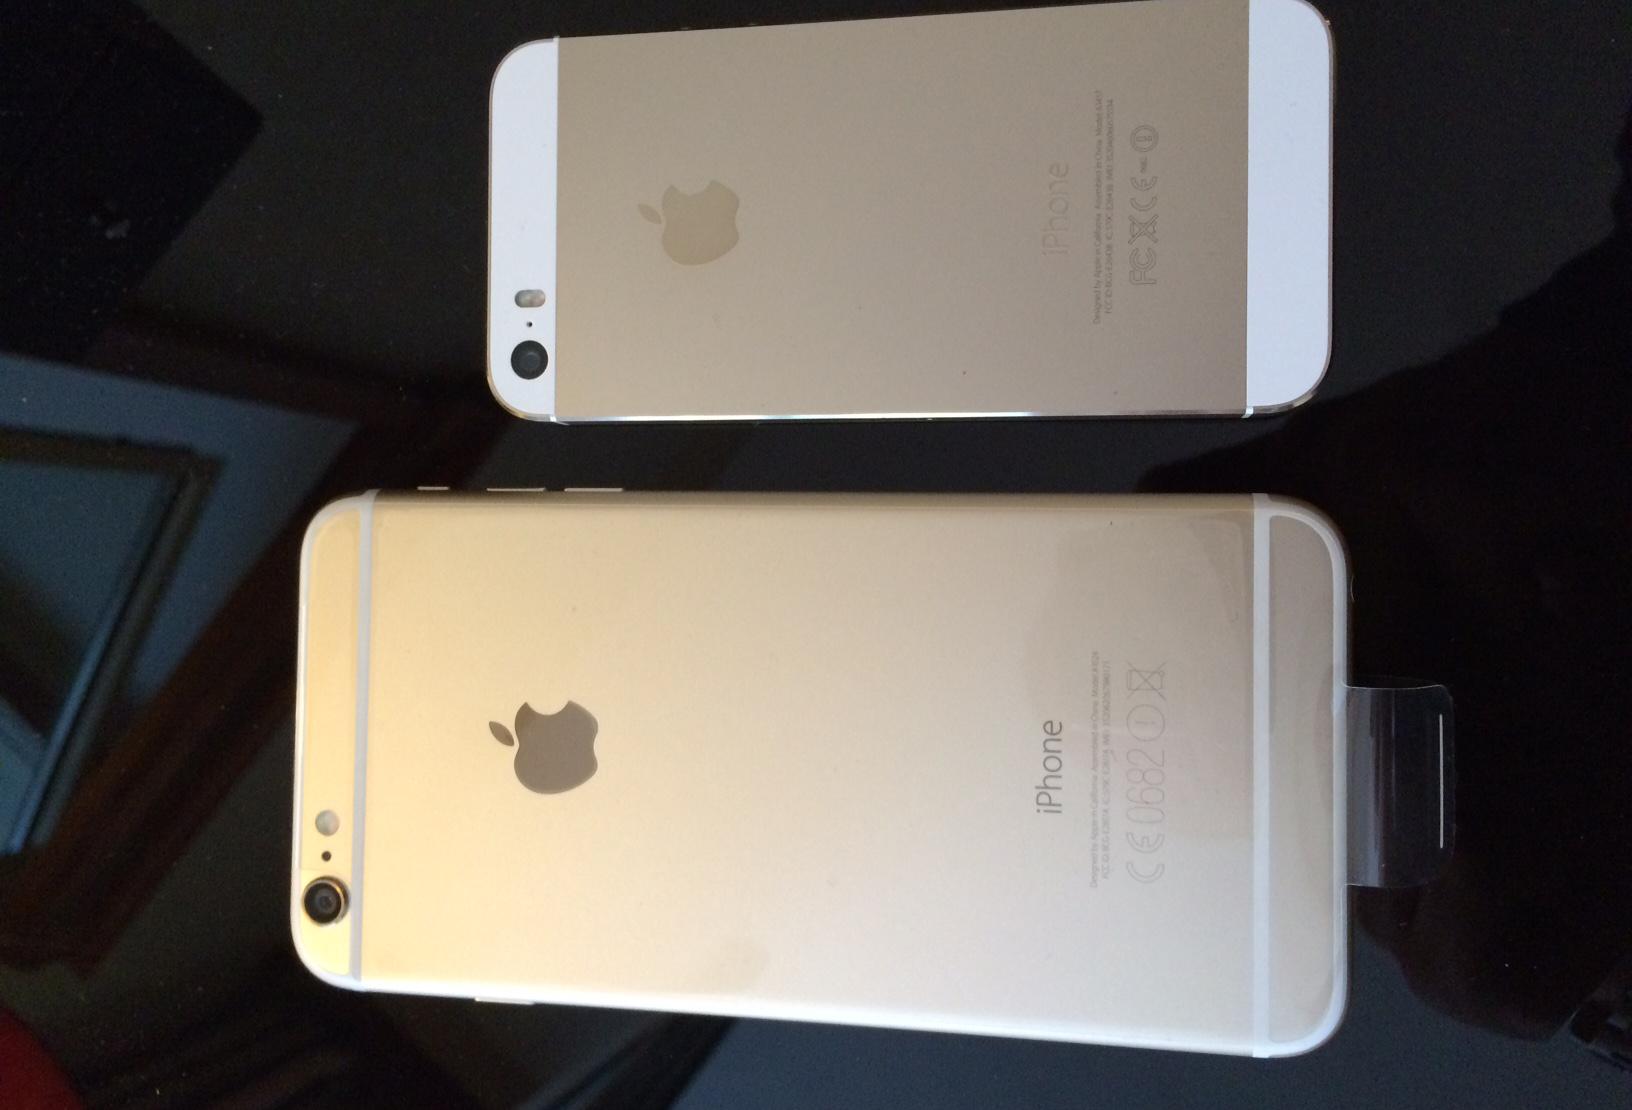 køb iphone 6 brugt